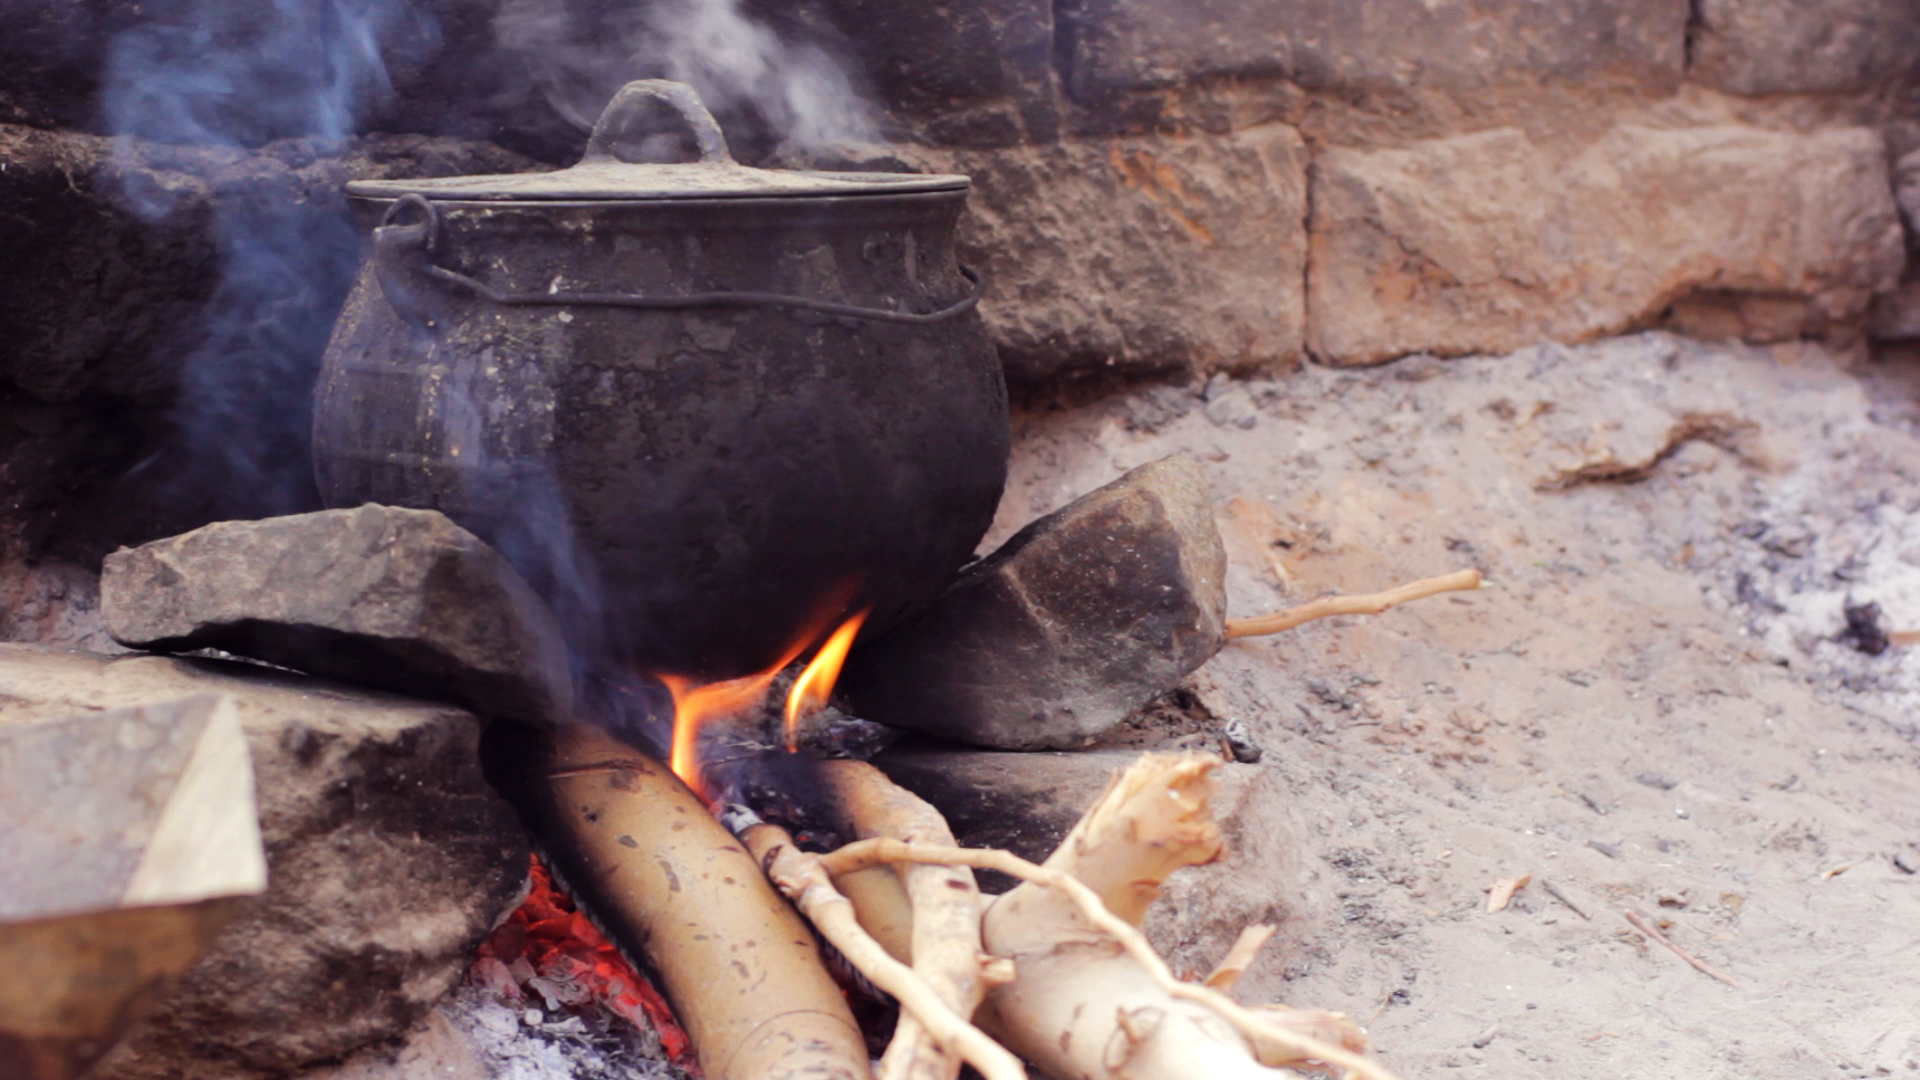 pablocaminante pigmentos bogolan dogon - Malí 8, País Dogon V: moda, arte y religión